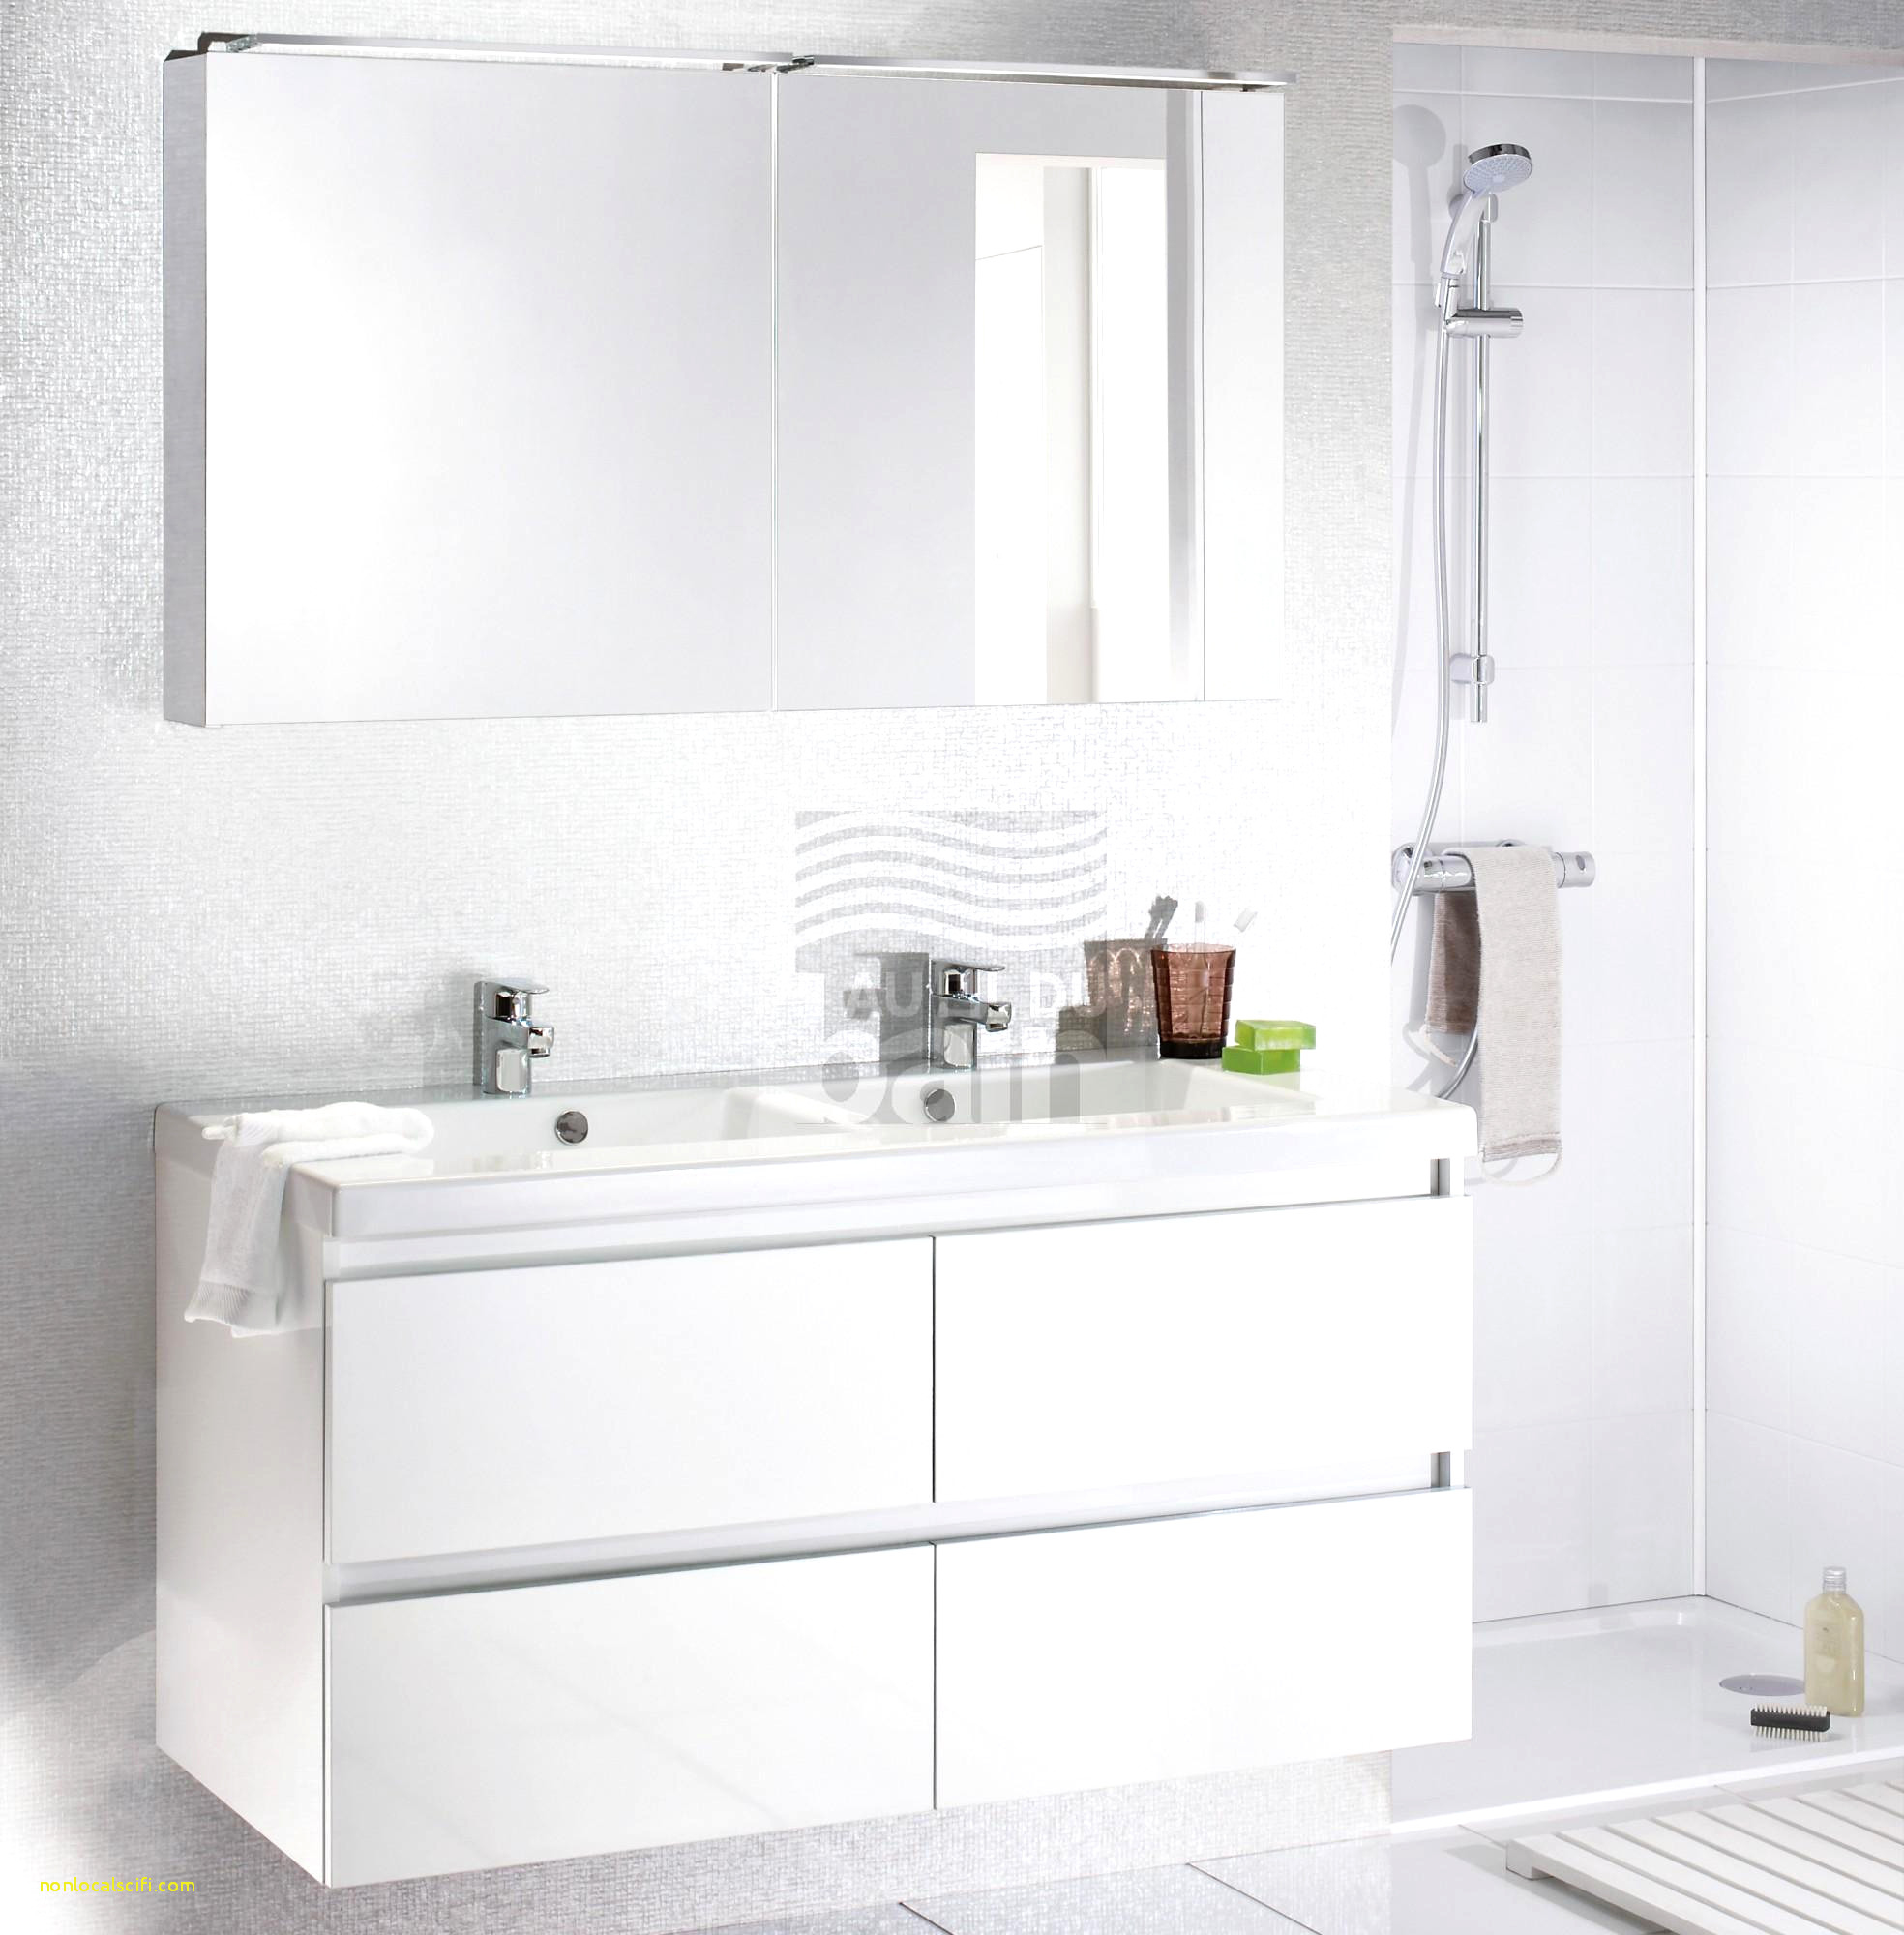 Ikea Vasque Salle De Bain Frais Photographie Résultat Supérieur 99 Frais 2 Vasques Salle De Bain Graphie